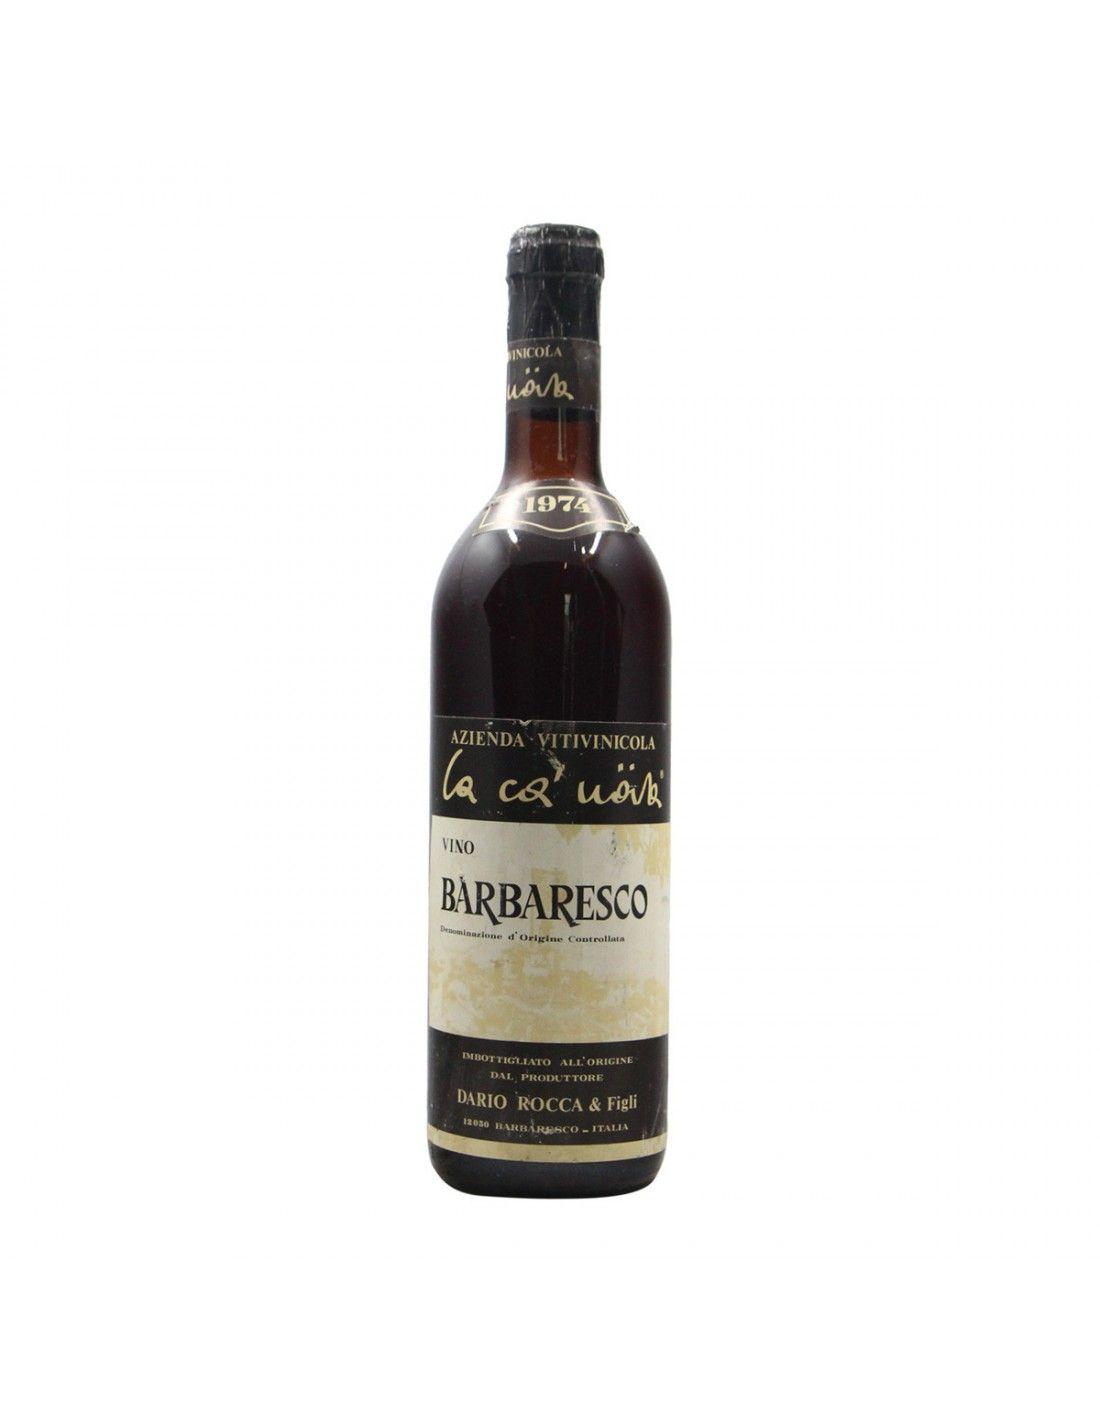 BARBARESCO 1974 DARIO ROCCA Grandi Bottiglie